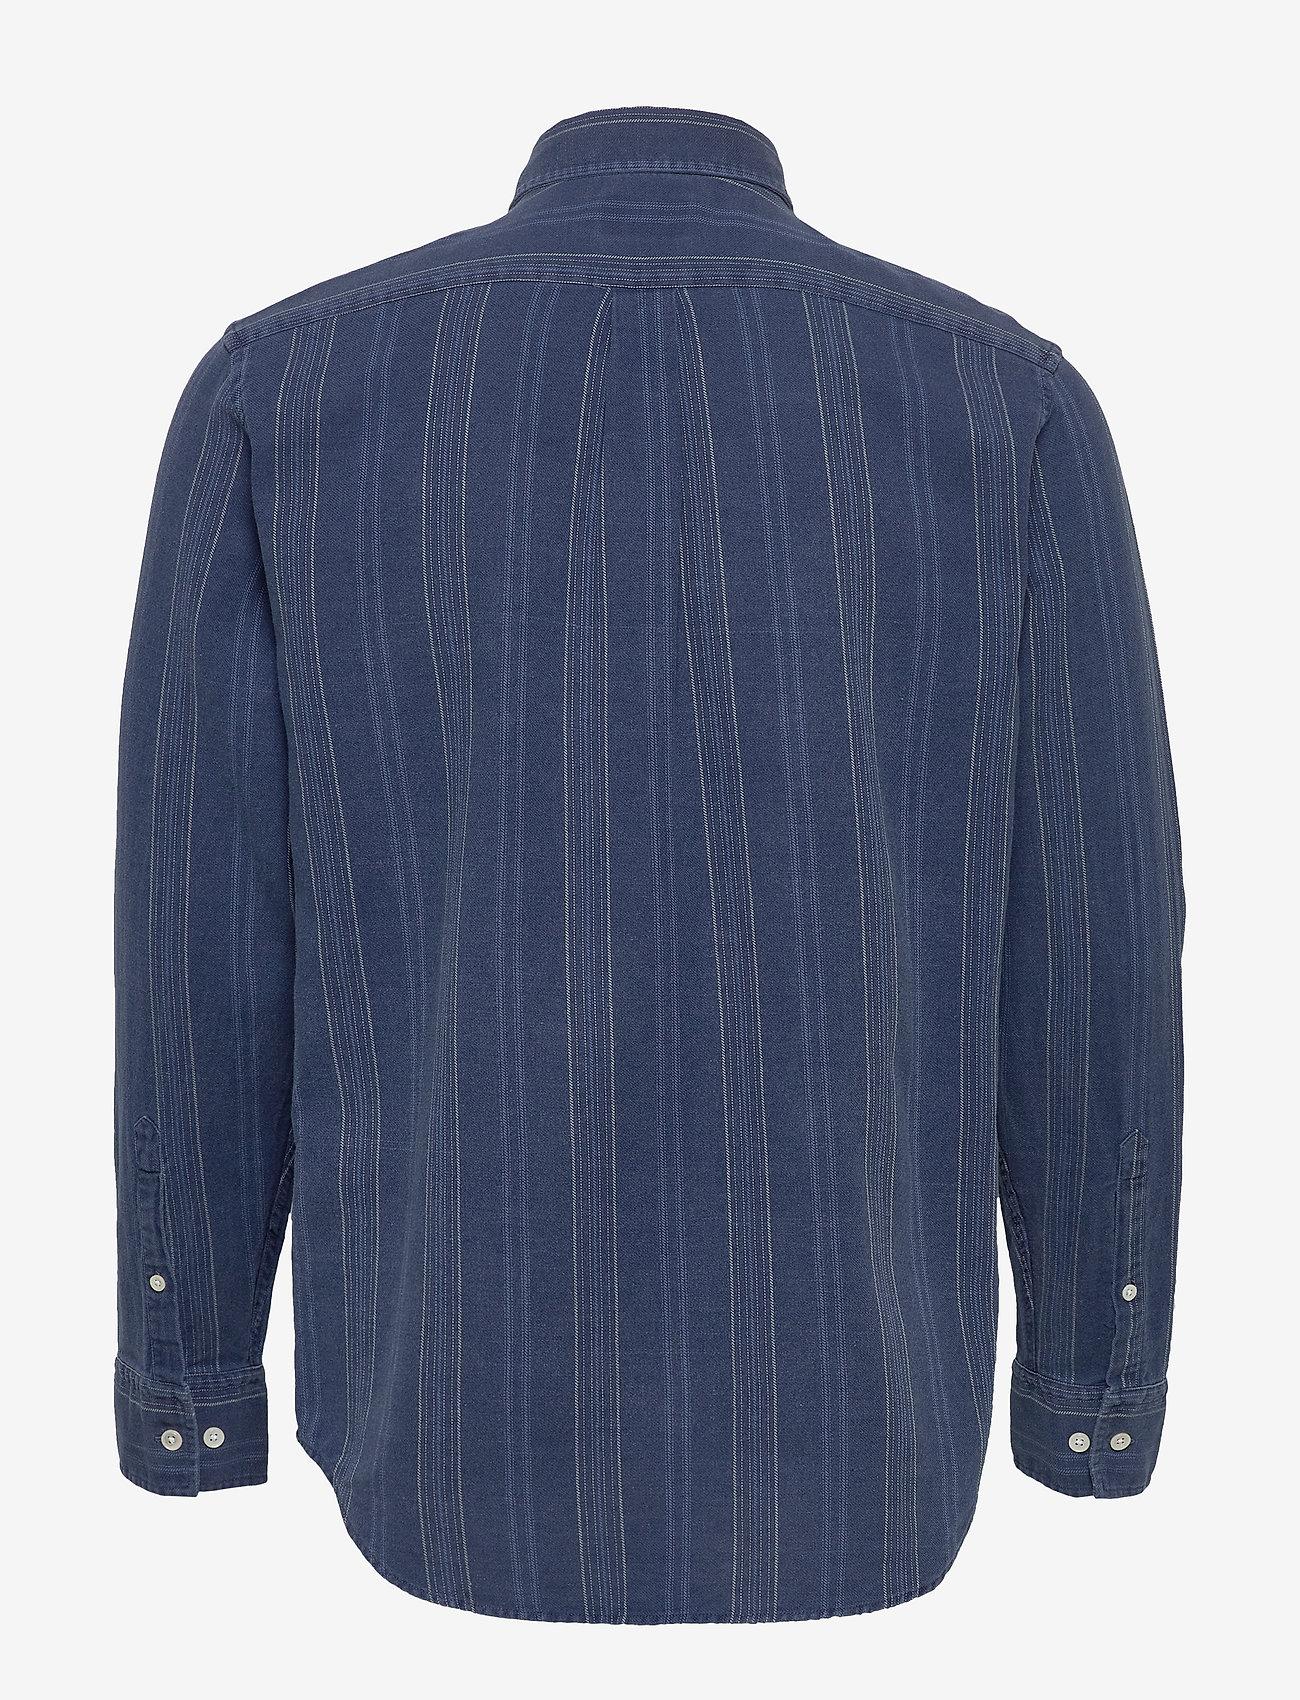 NN07 - Levon Shirt 5139 - casual - indigo stripe - 1